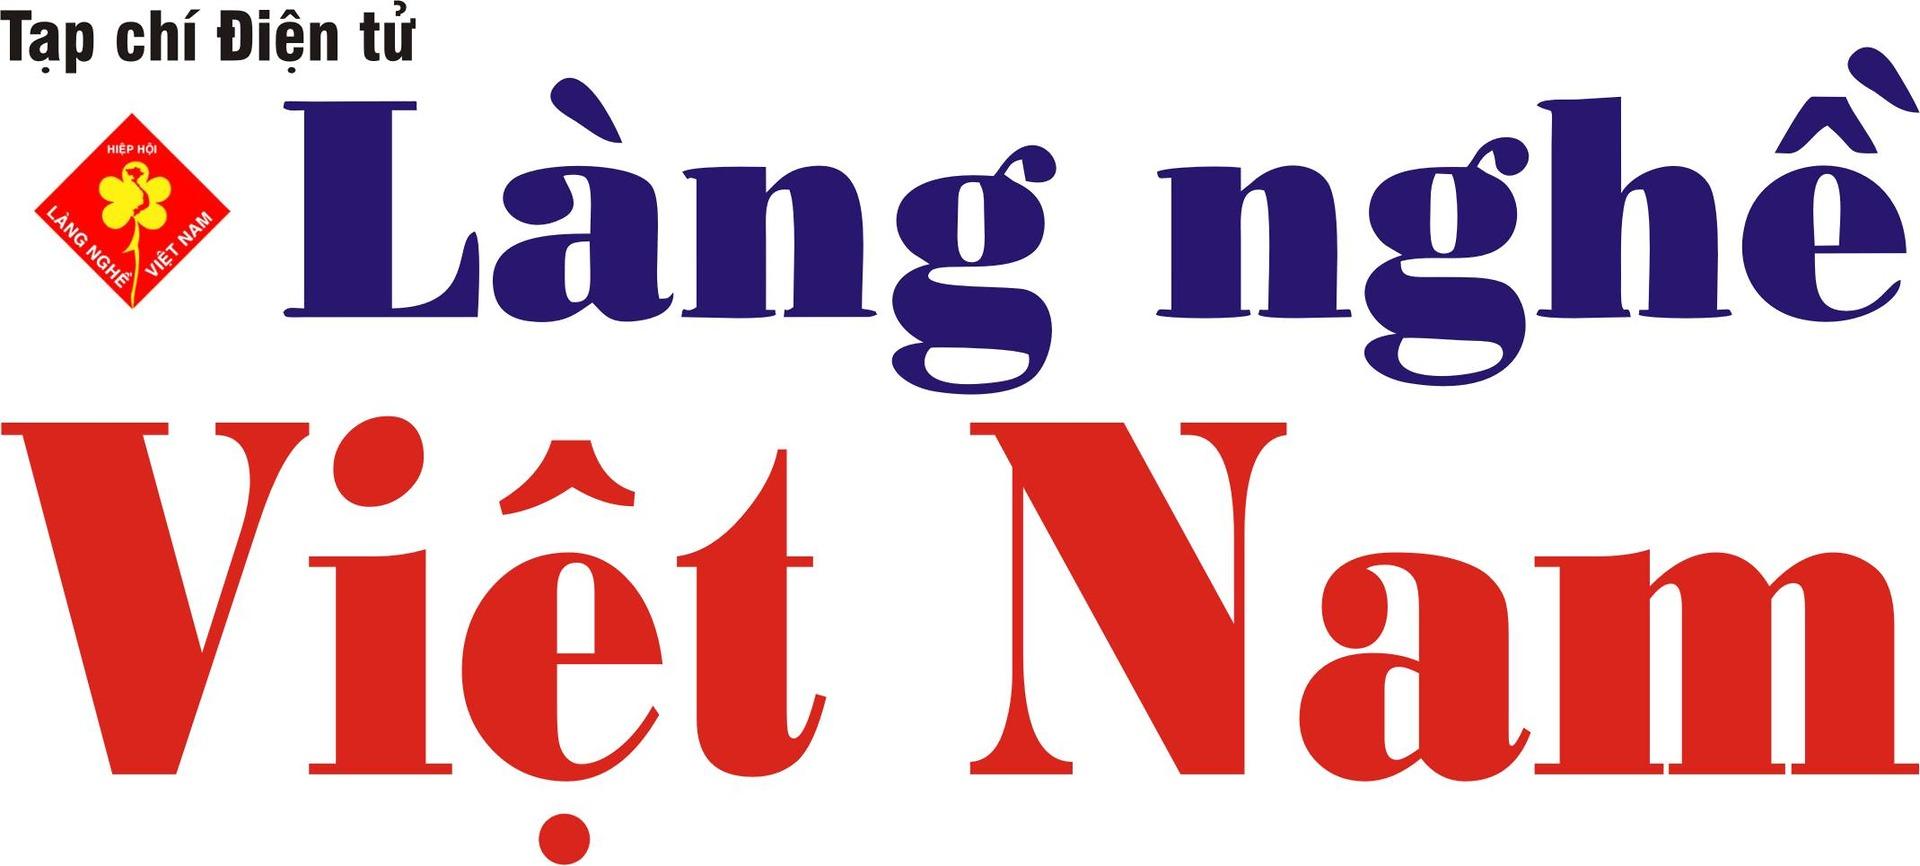 Tạp chí Làng Nghề Việt